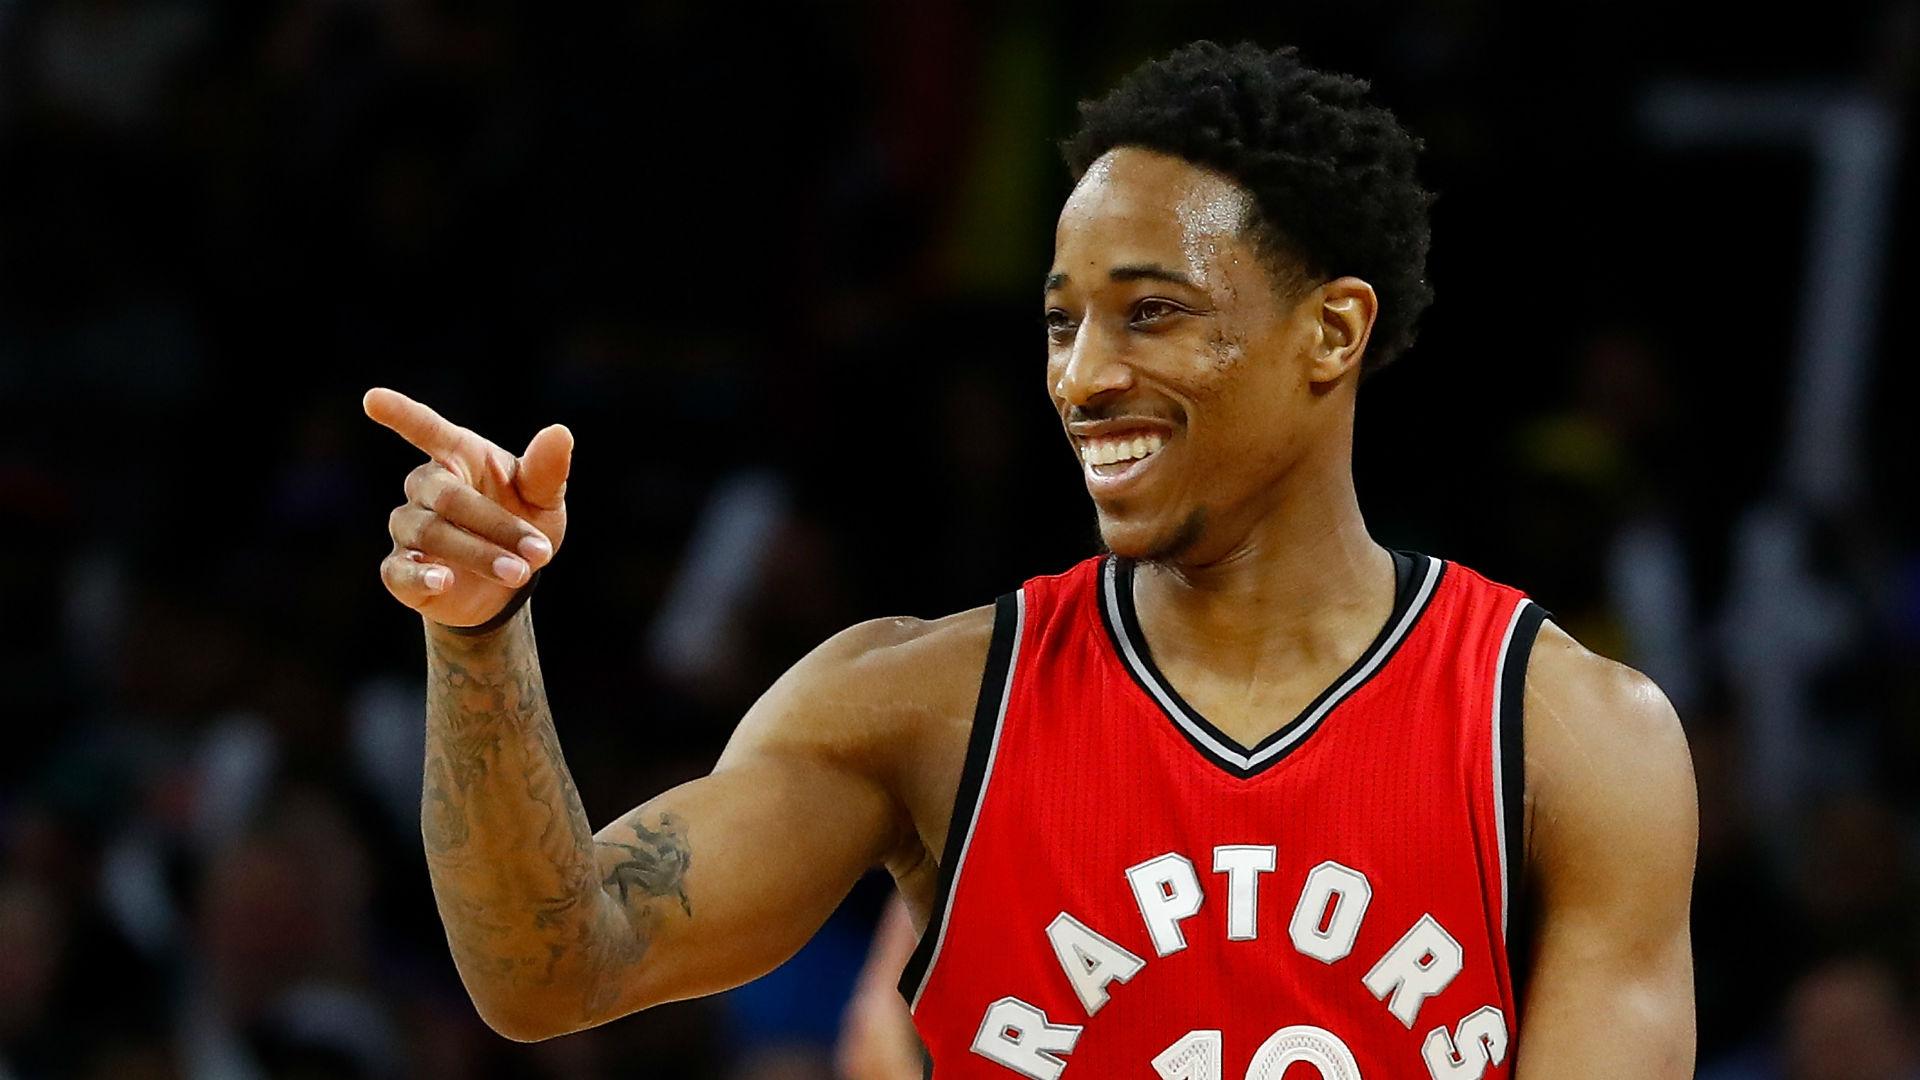 DeMar DeRozan scores franchise-record 52 in Raptors' win